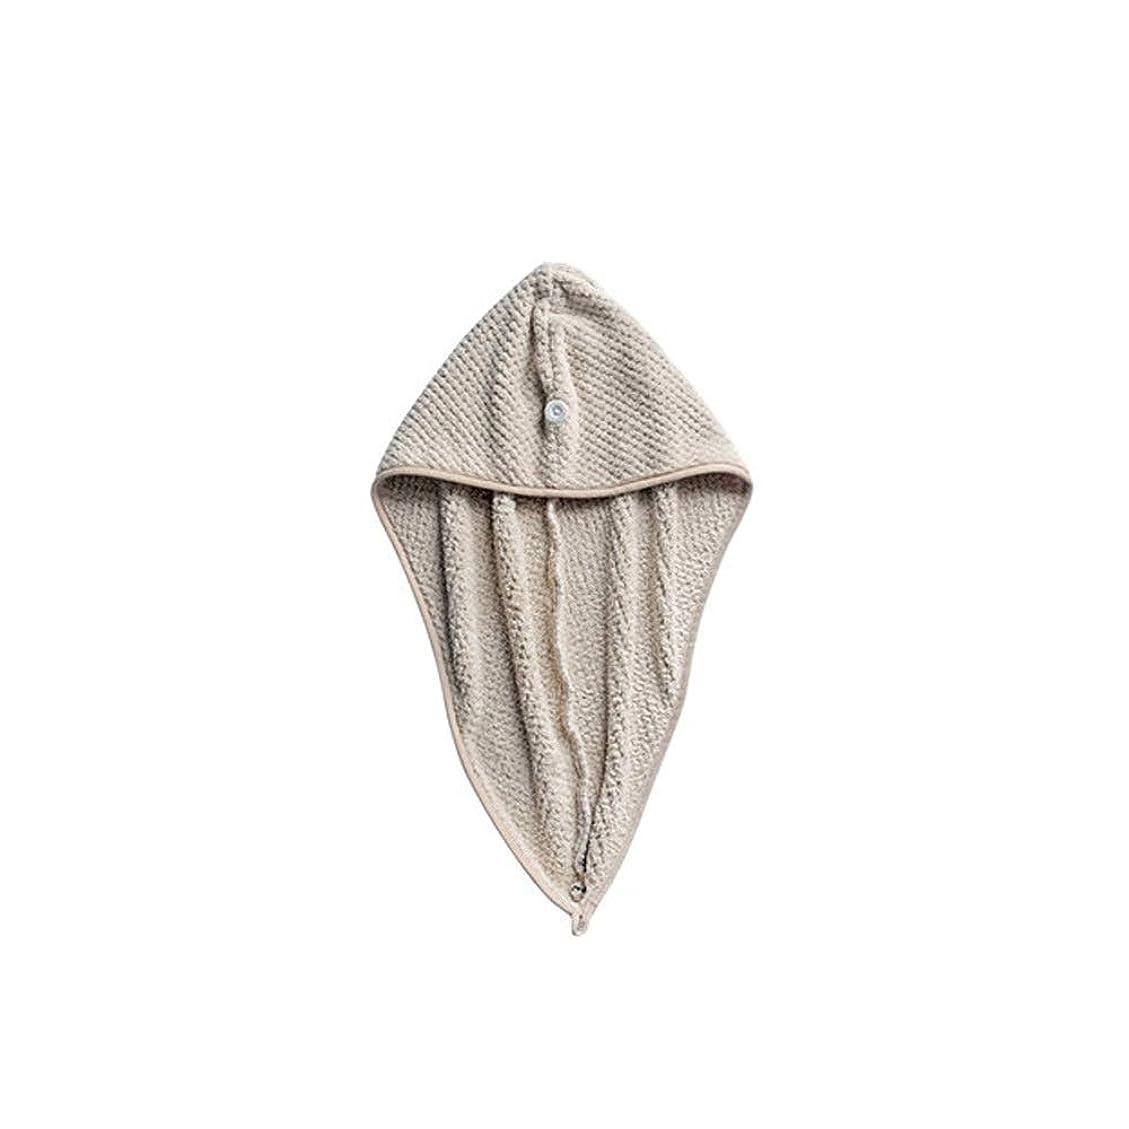 ブロンズスペード日付HEHUIHUI- シャワーキャップ、ダブルシャワーキャップ、レディース弾性防水シャワーキャップ HHH (Color : Gray)